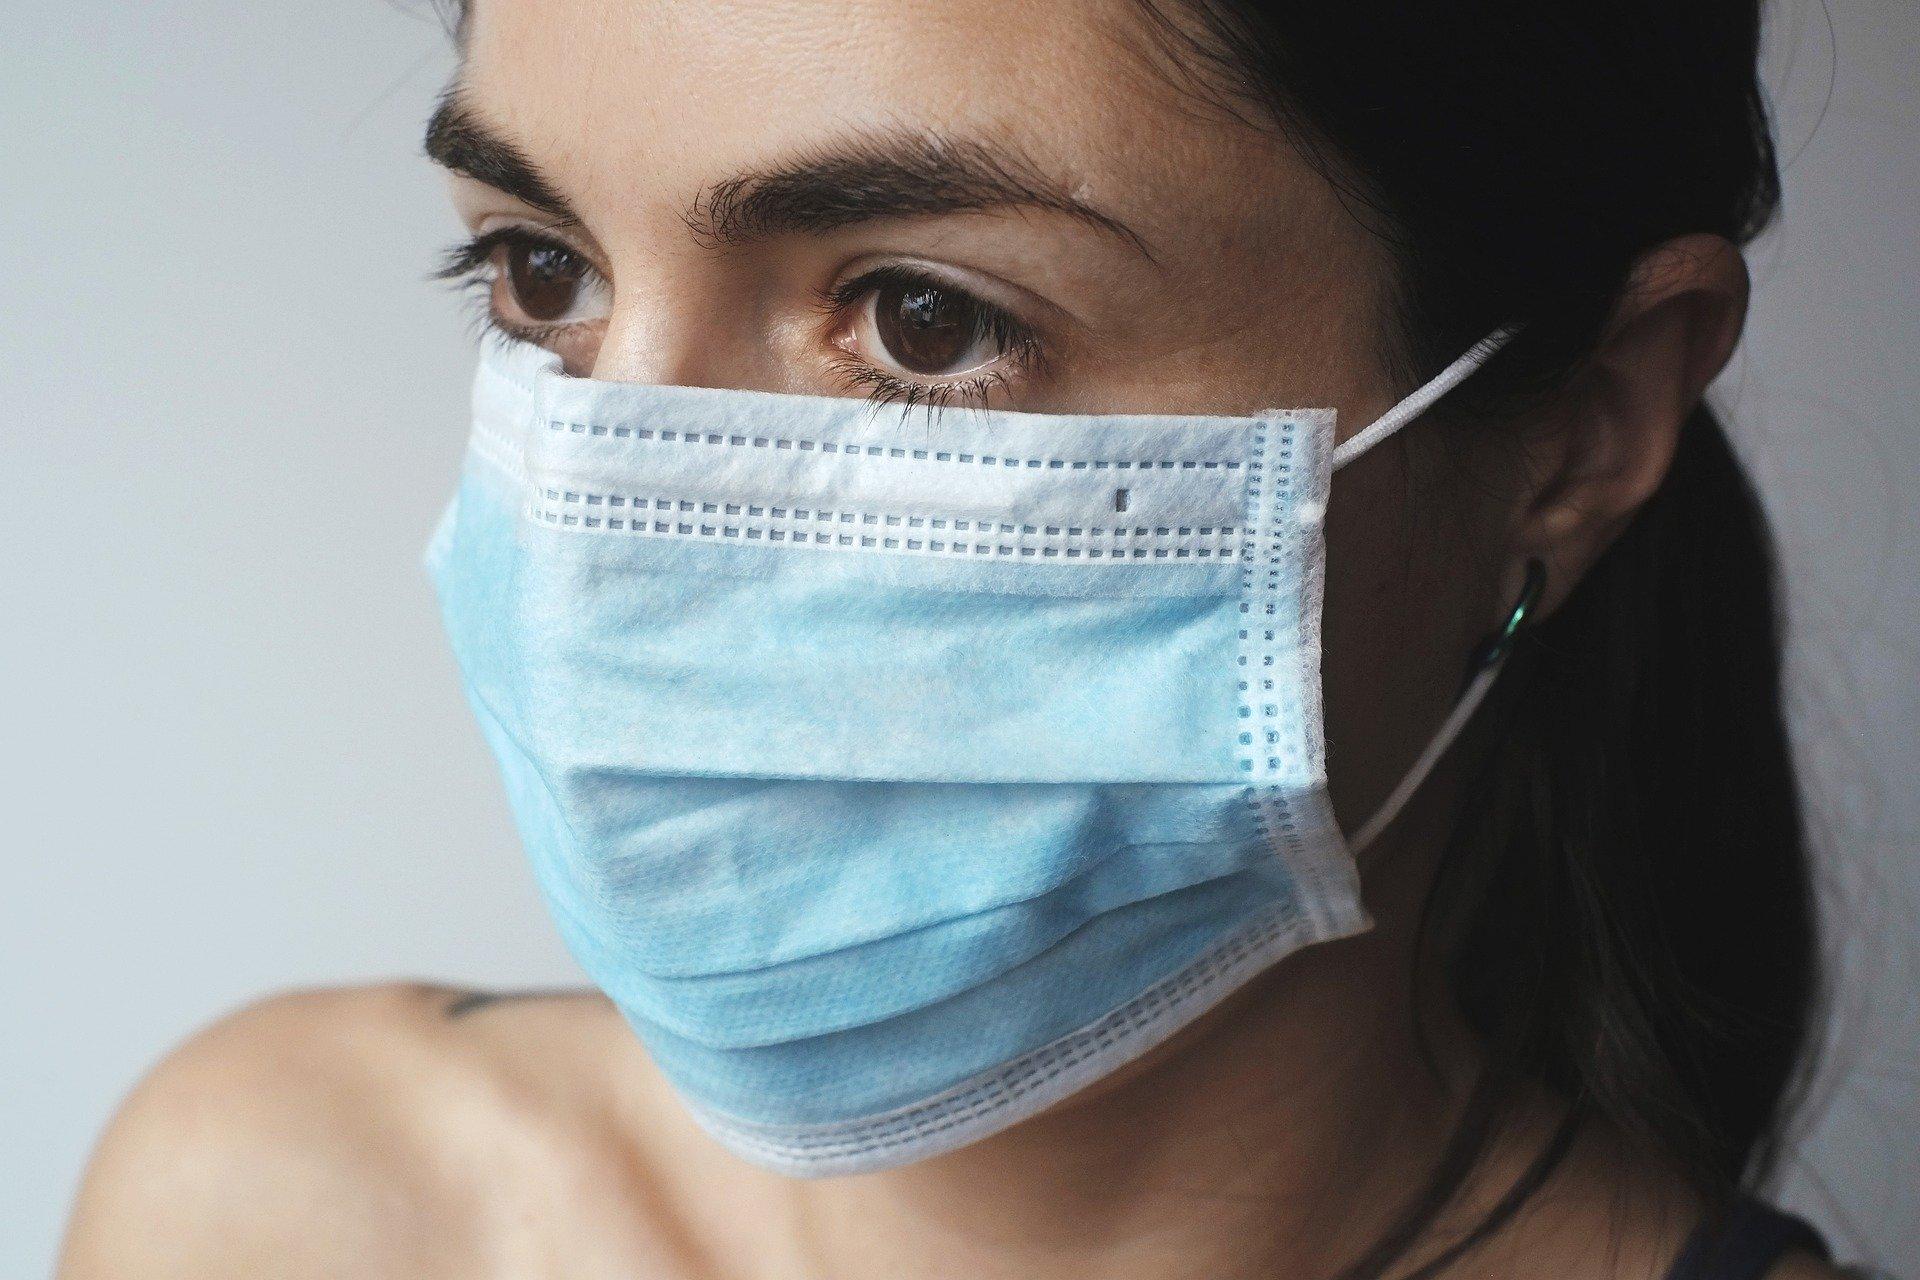 Tác dụng của khẩu trang trong việc giảm nguy cơ lây nhiễm Covid-19 - Ảnh 1